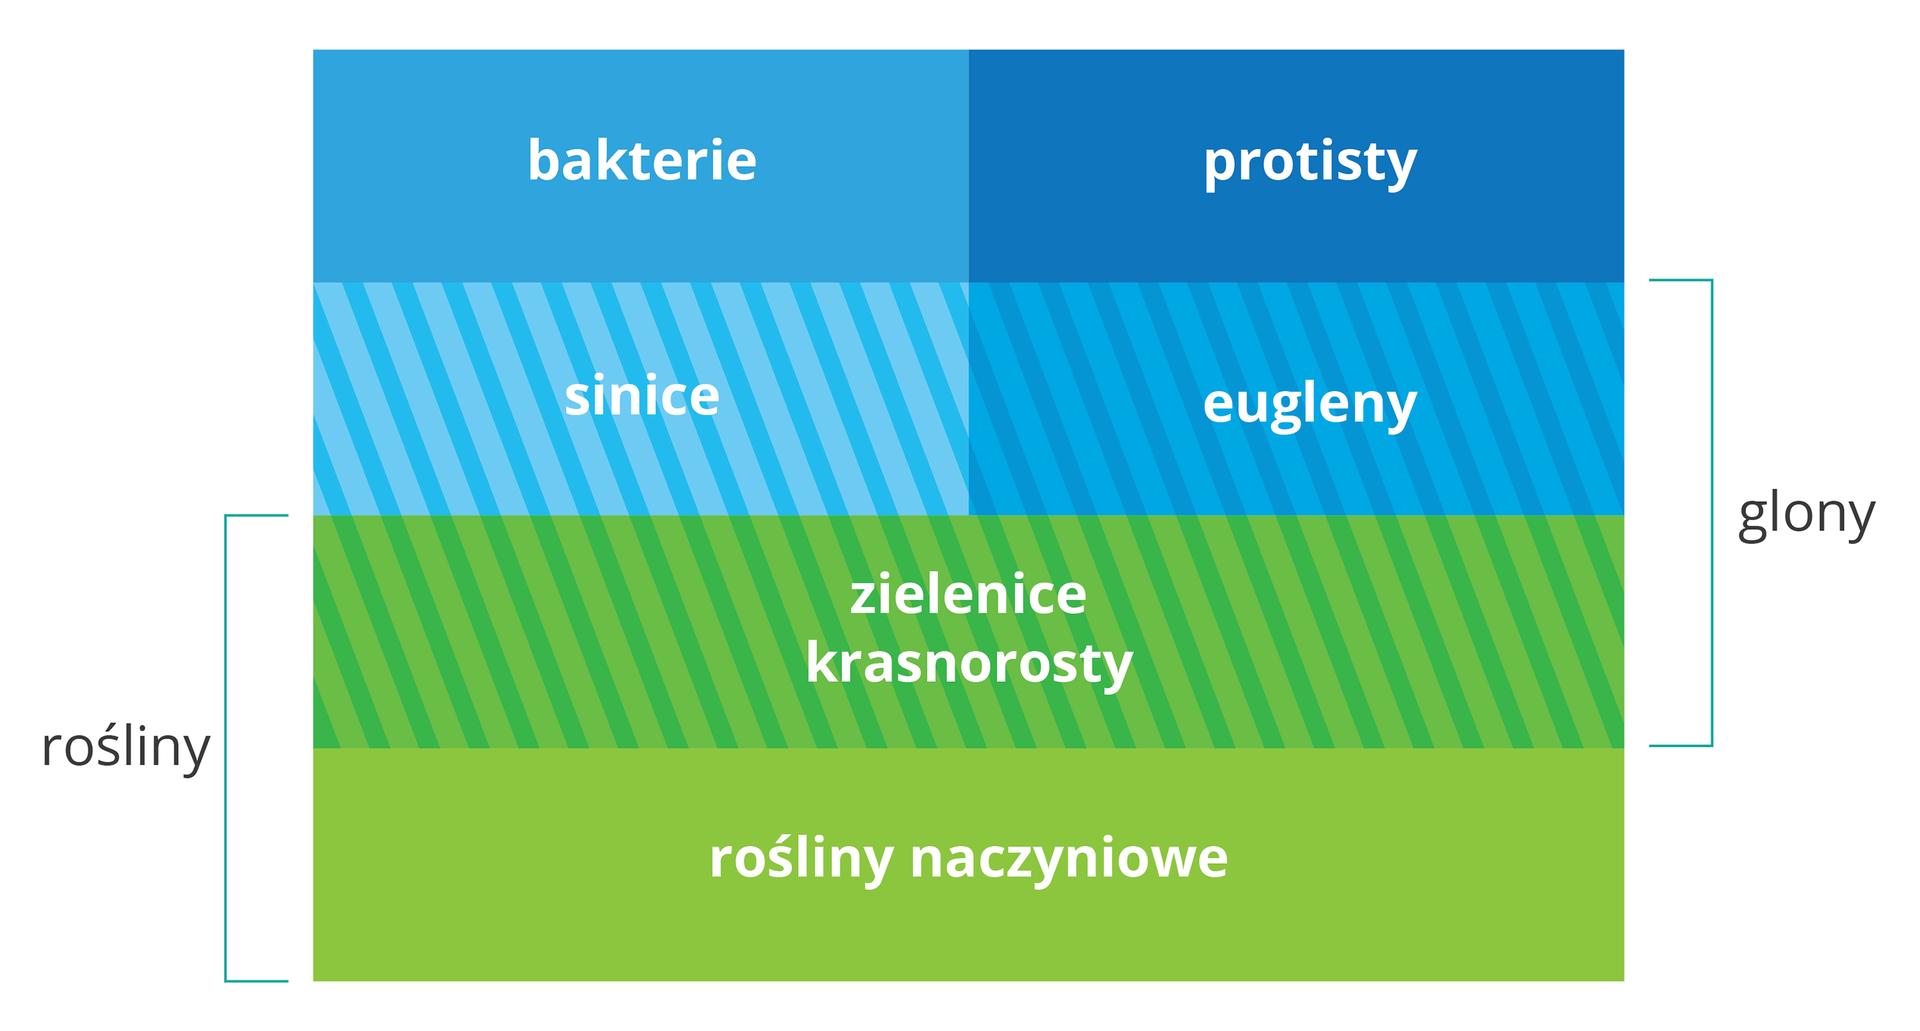 Ilustracja przedstawia schematycznie podział organizmów takich jak rośliny, zielenice, glony, protisty, bakterie.